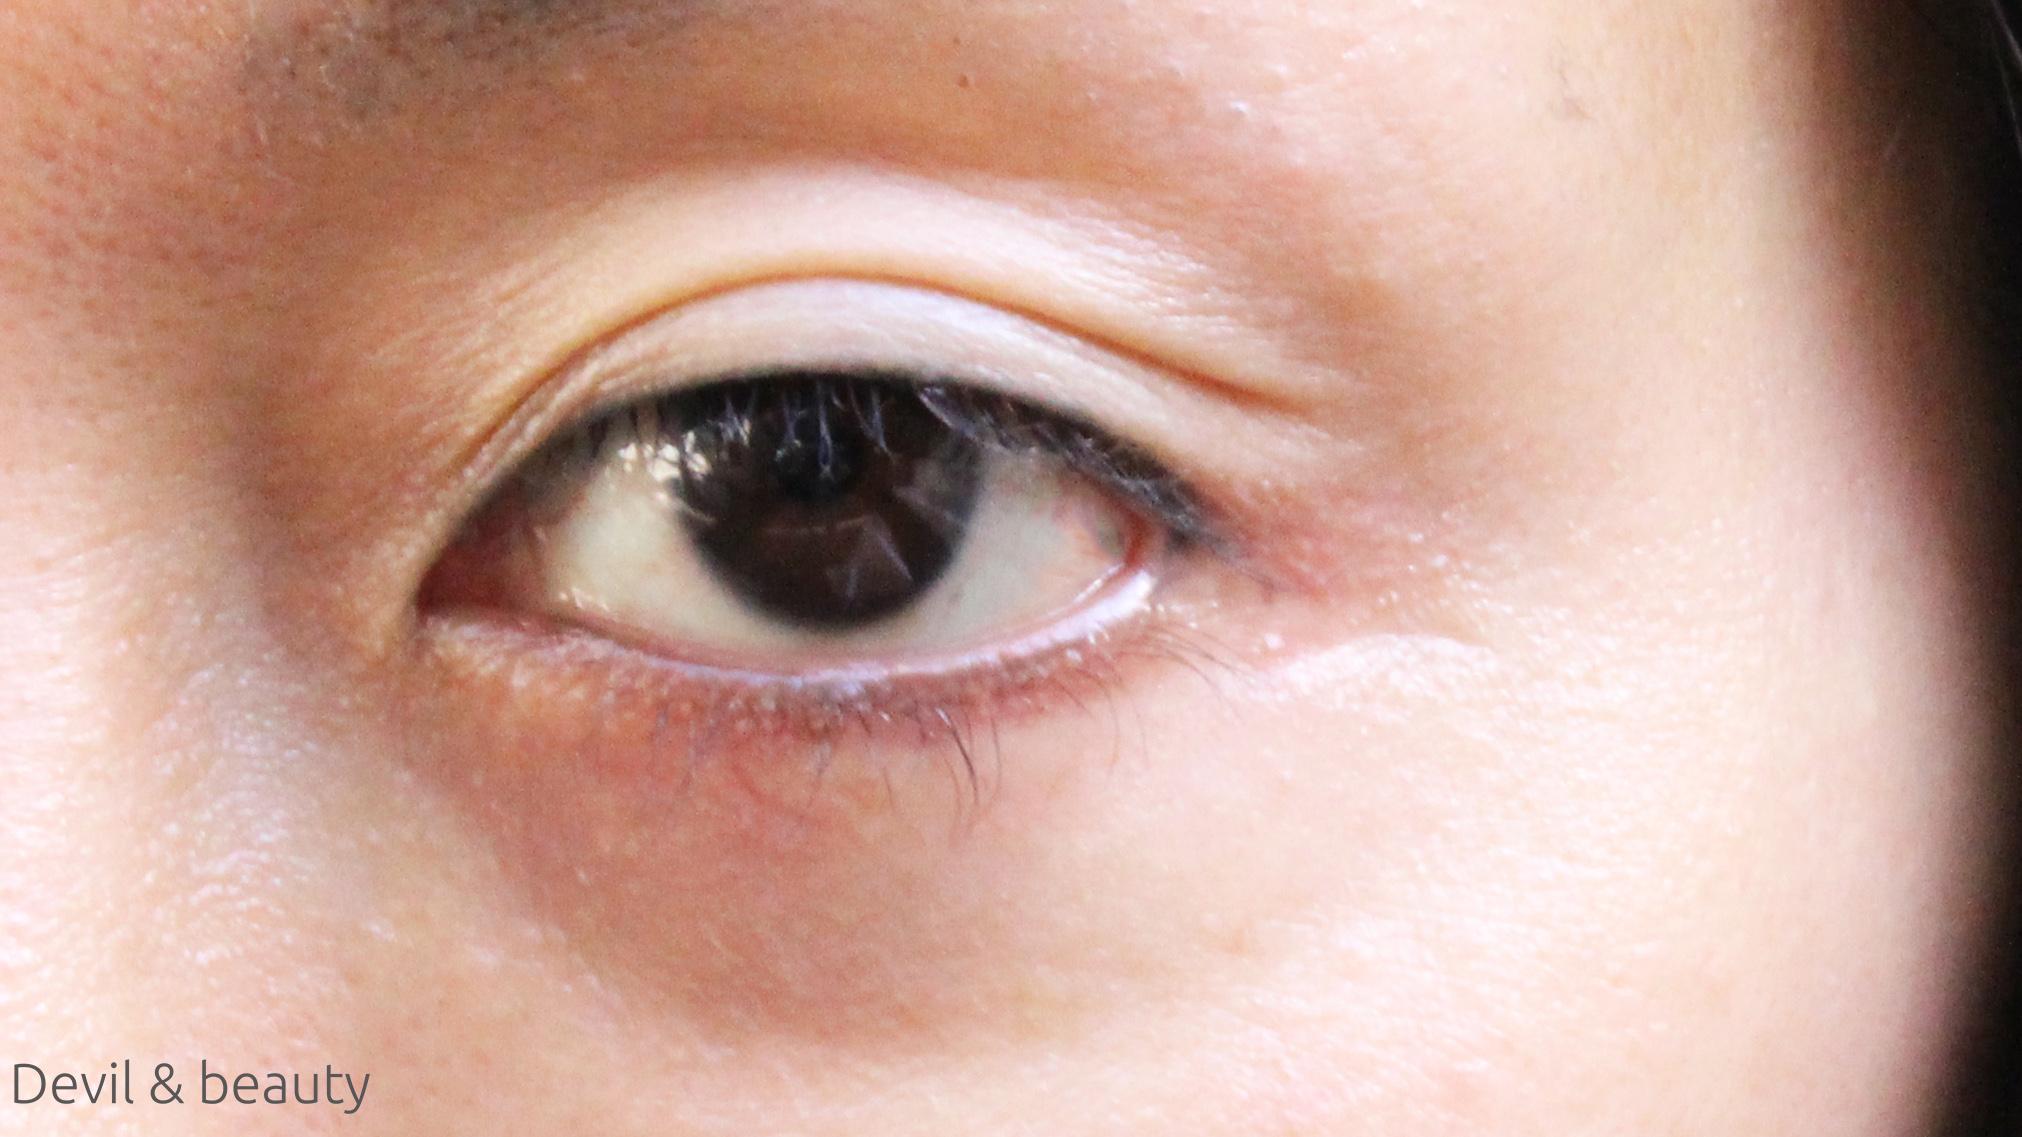 model-eyes10 - image